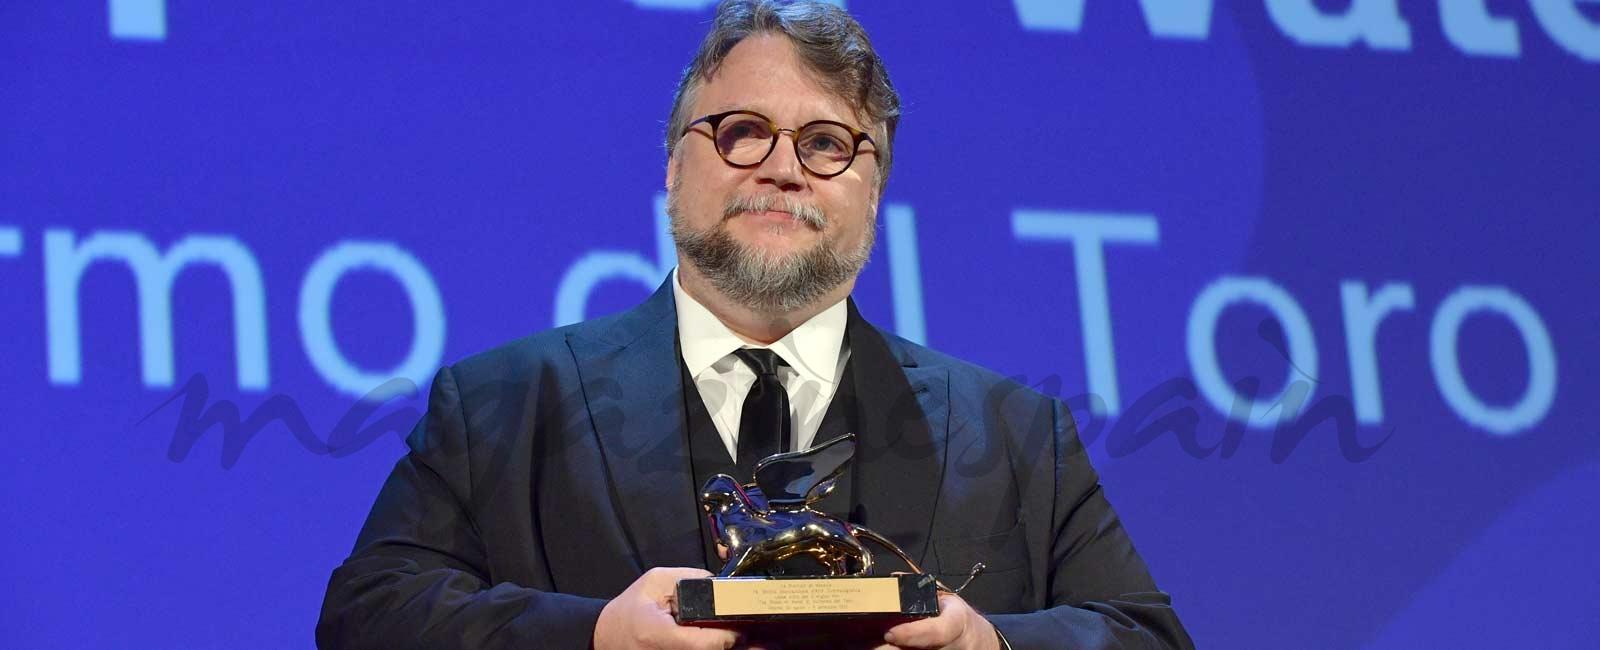 Guillermo del Toro gana el León de Oro con «La forma del agua»